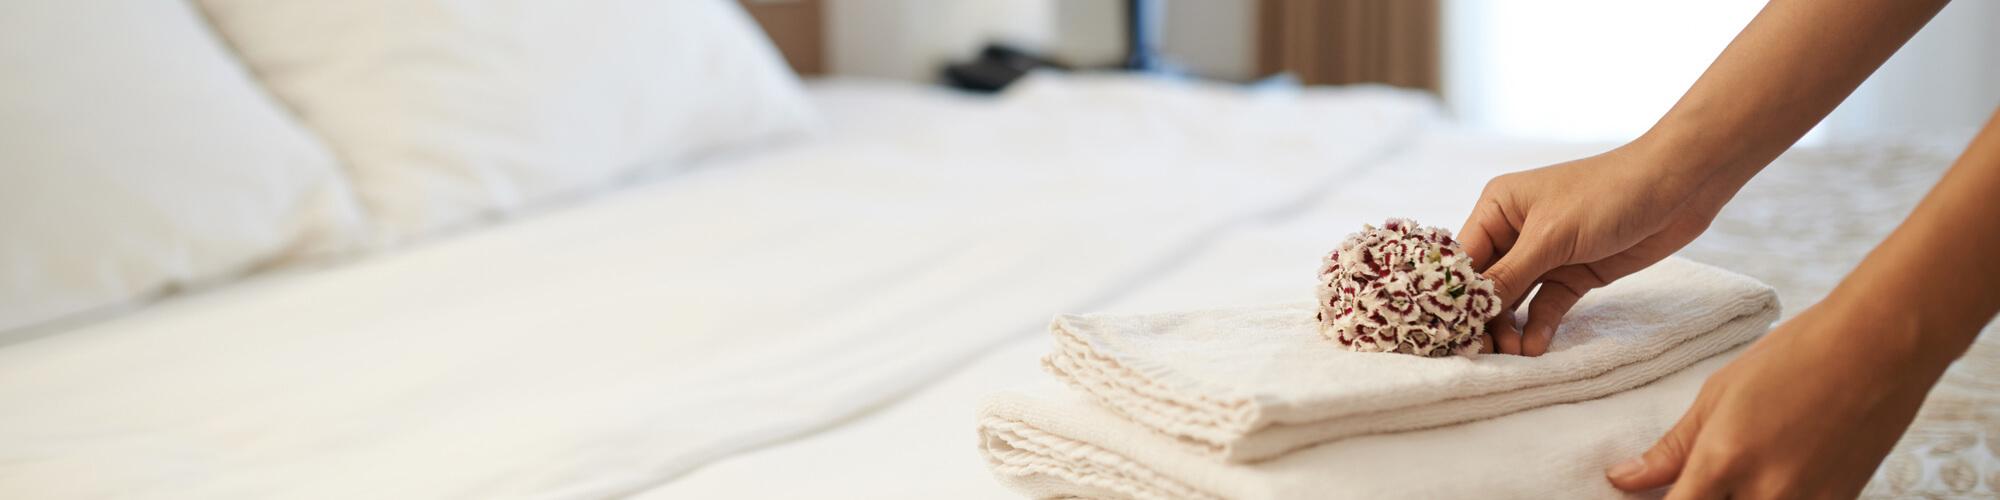 NEWS | EAST hospitalities Inc.(株式会社イーストホスピタリティーズ)